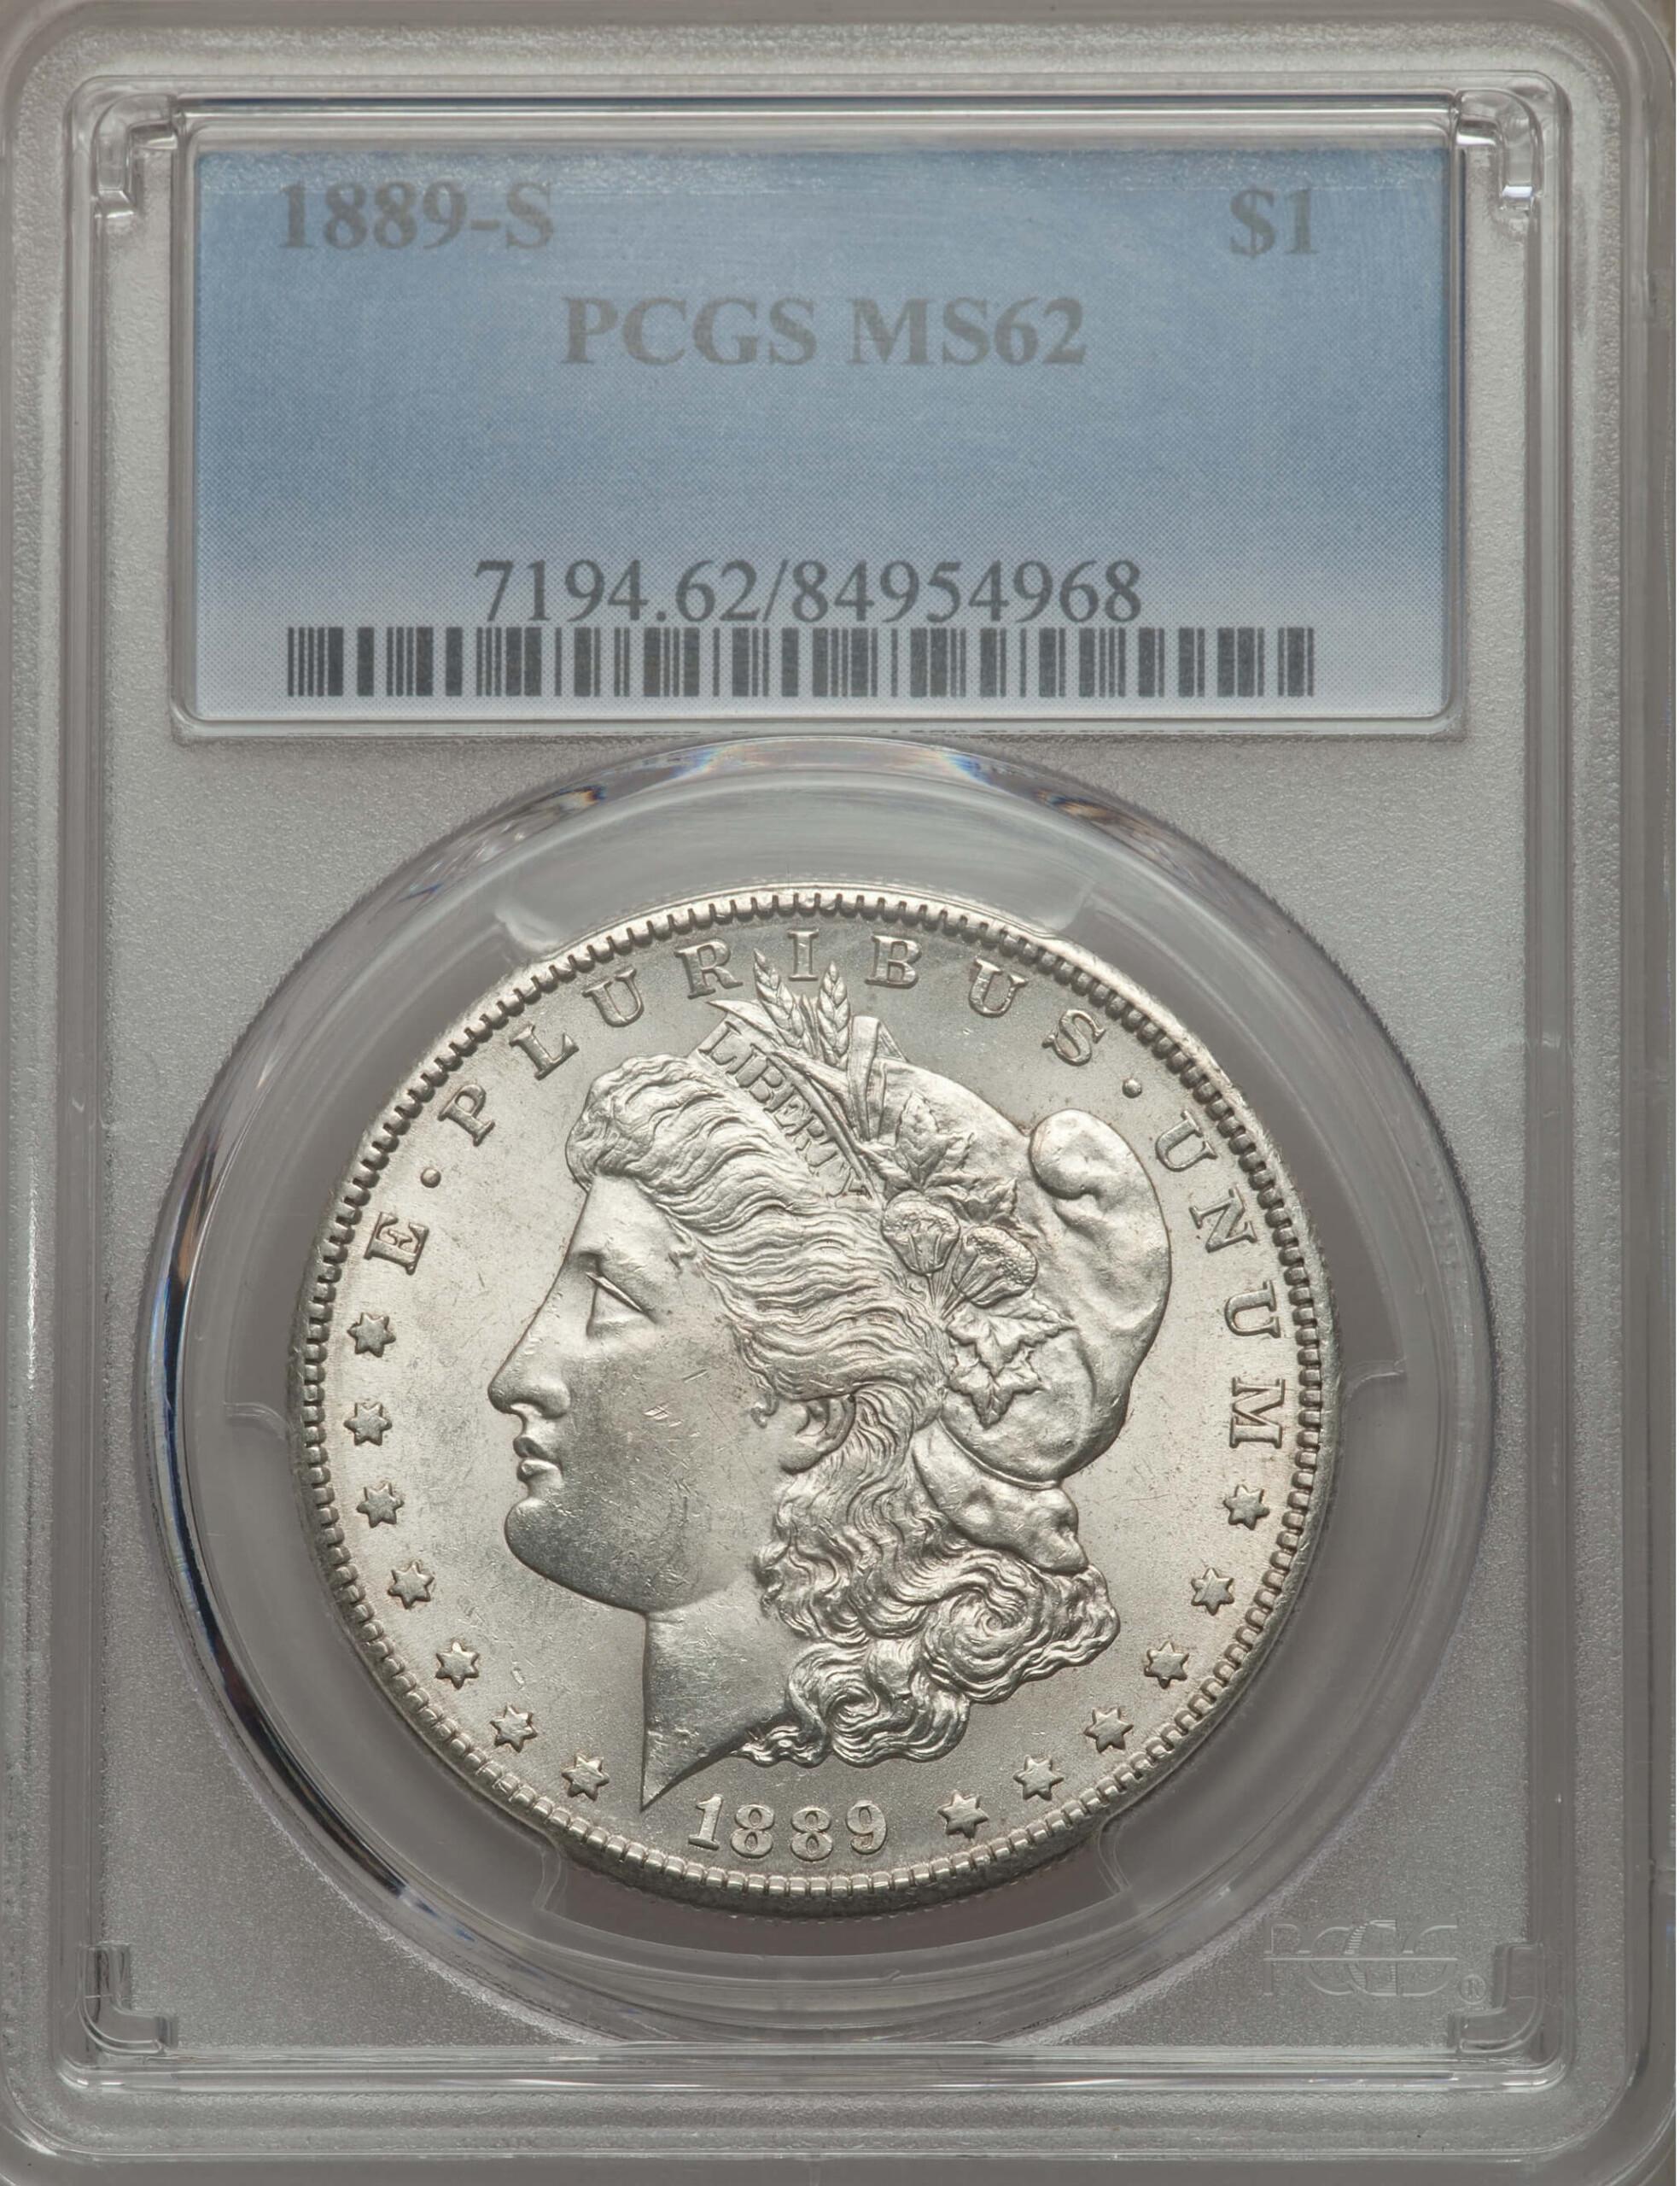 1889-S S$1 62 PCGS